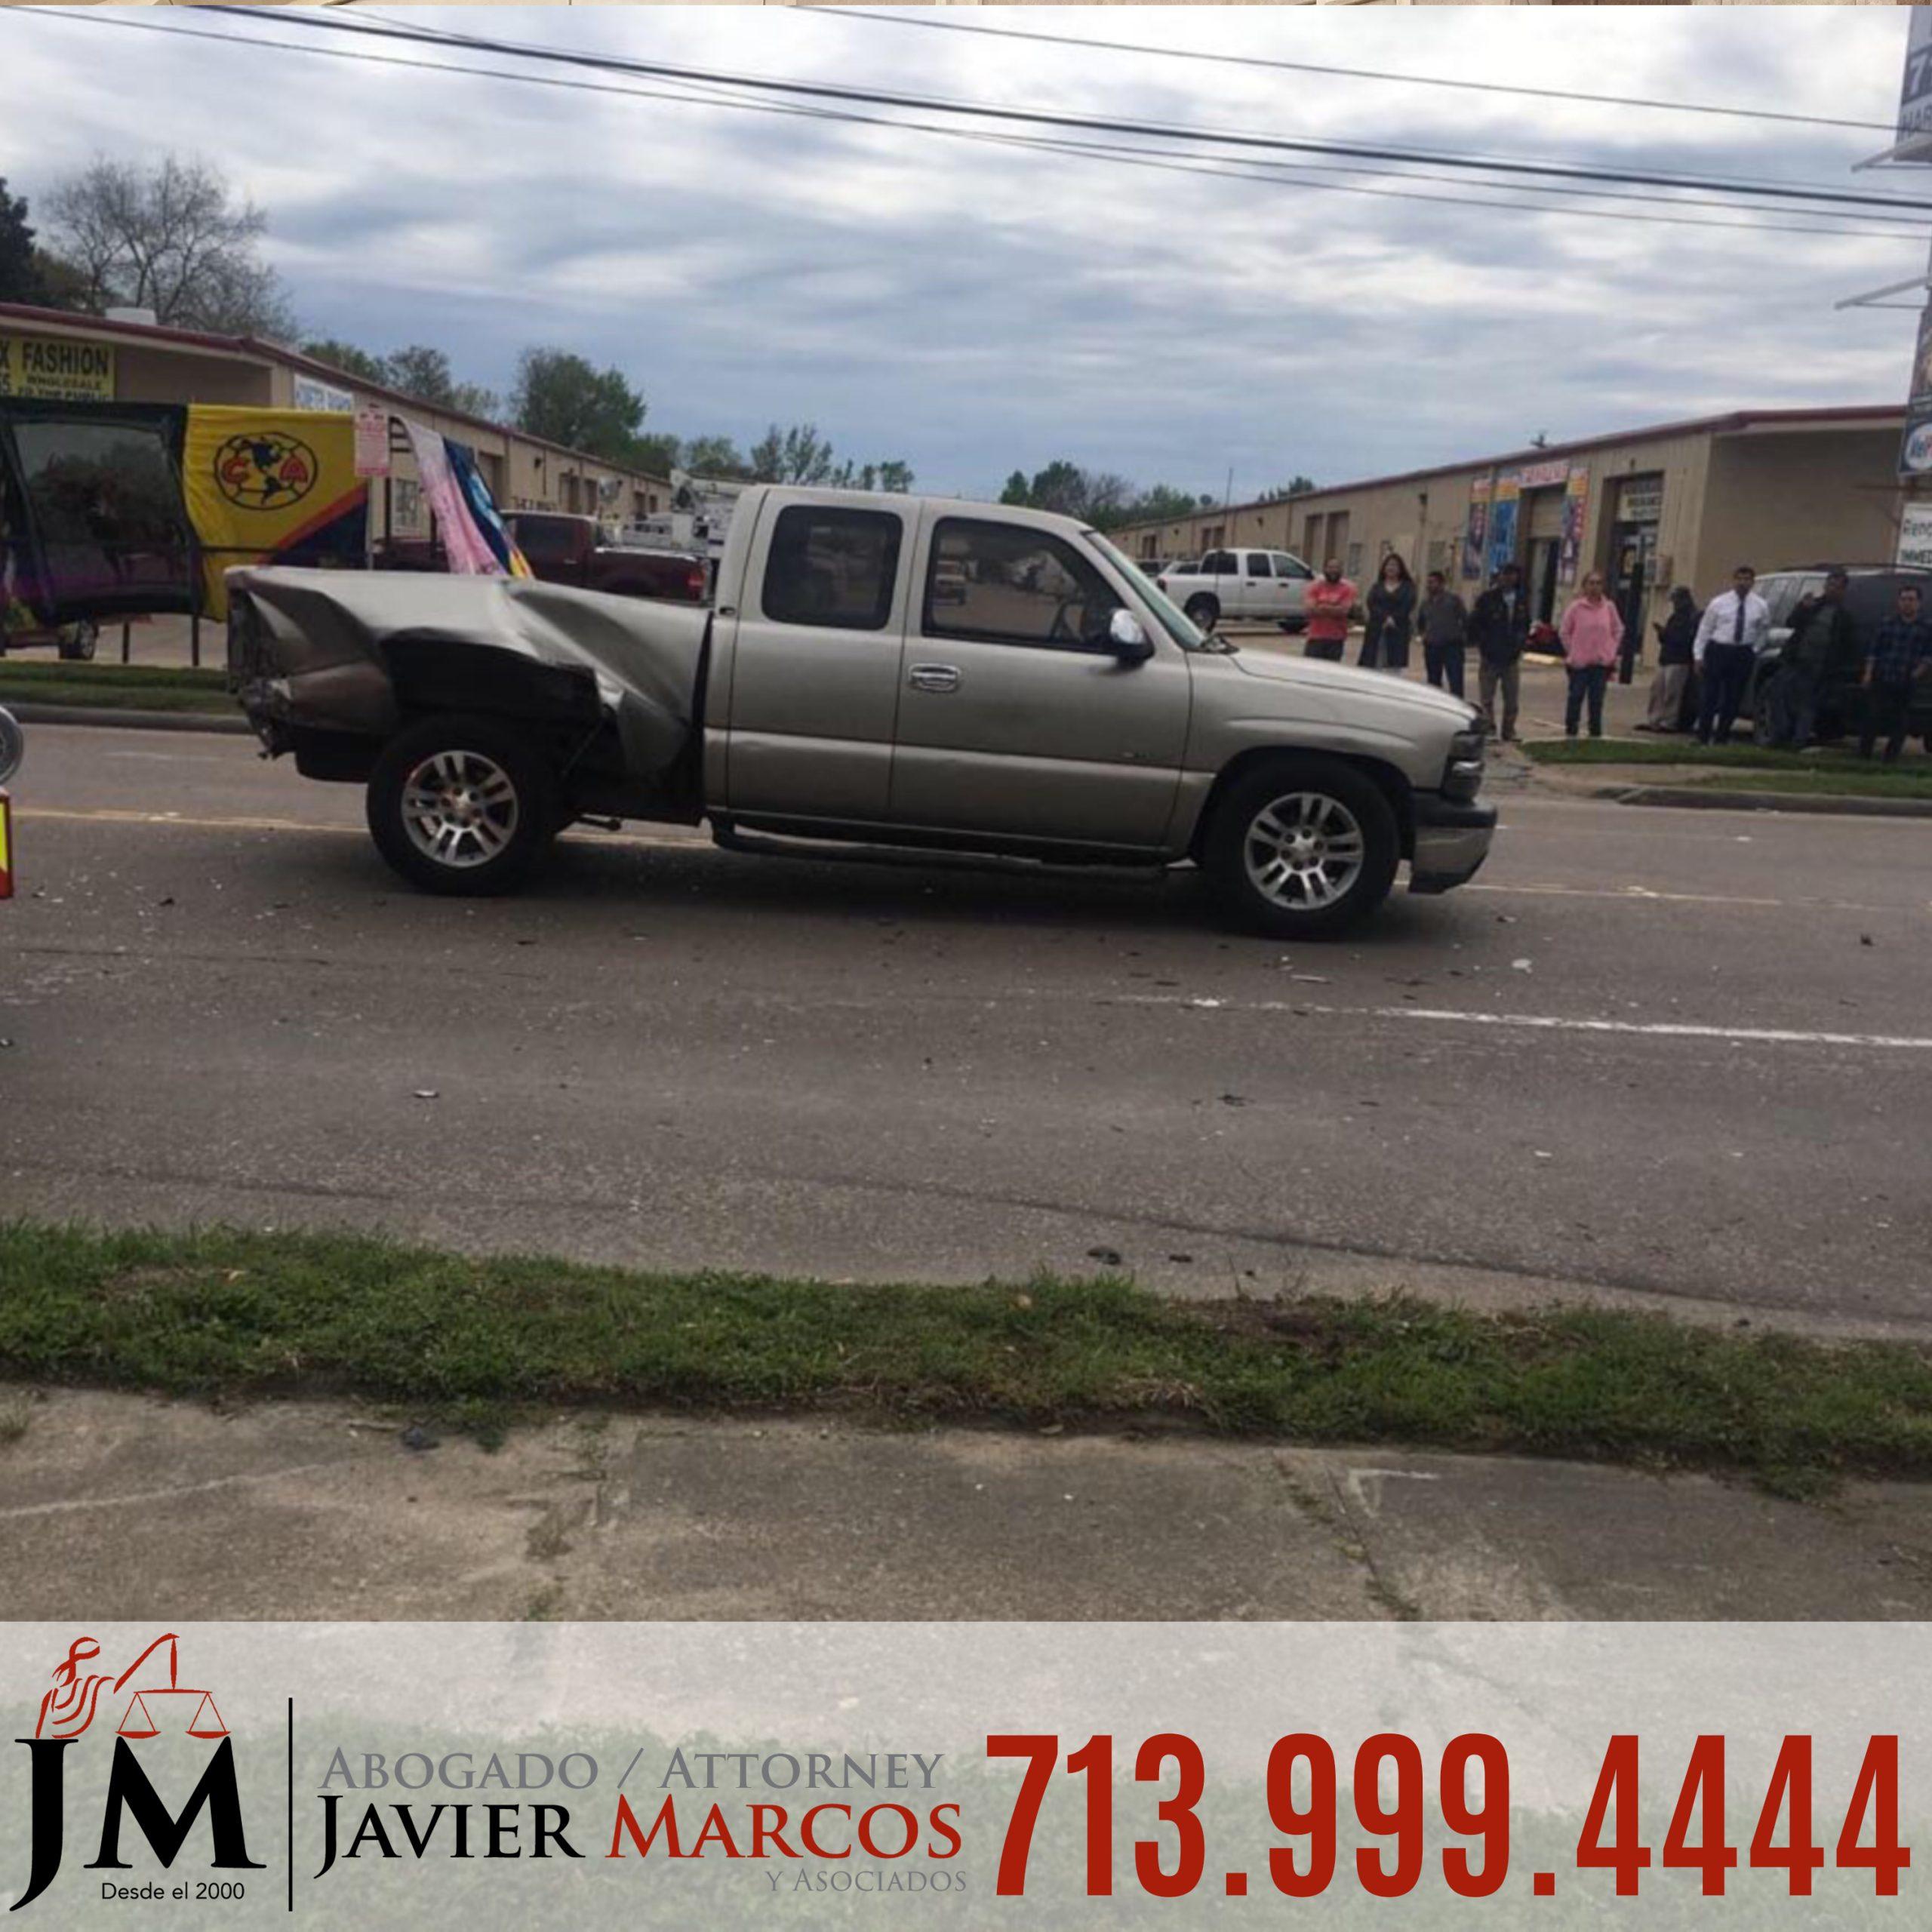 Evite las Redes sociales despues de un Accidente | Abogado Javier Marcos | 713.999.4444